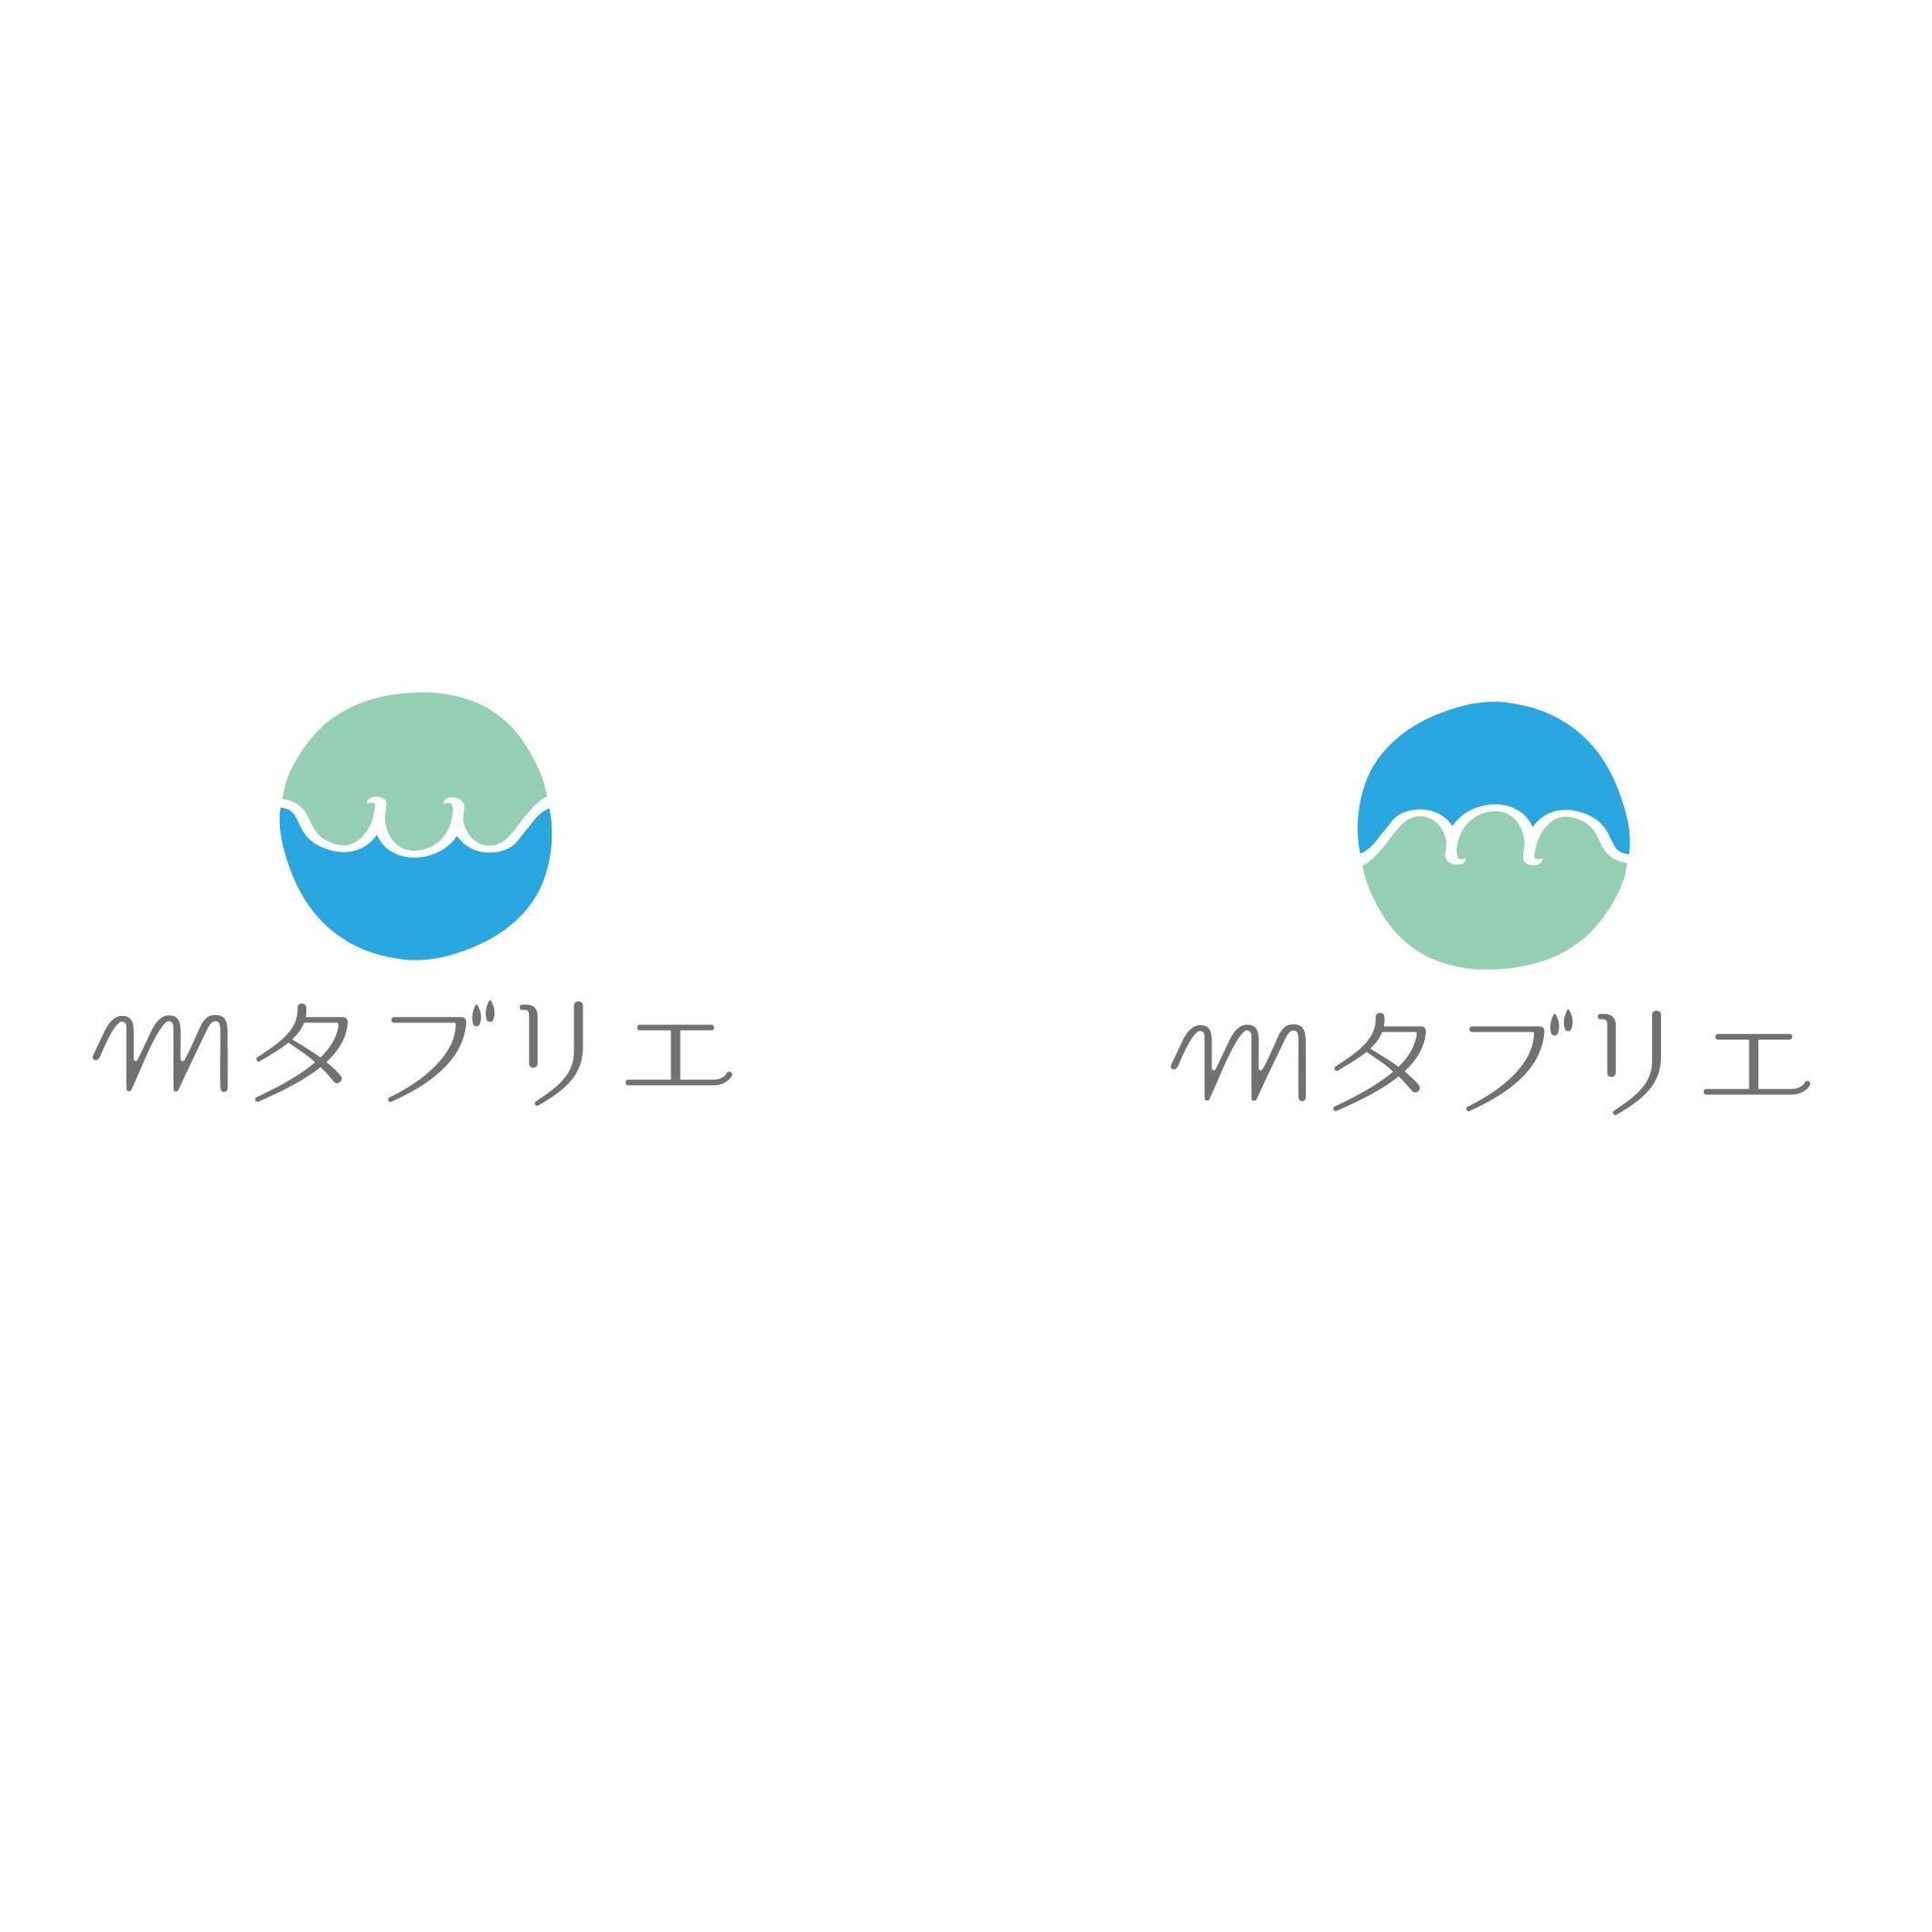 mタブリエ ロゴデザイン